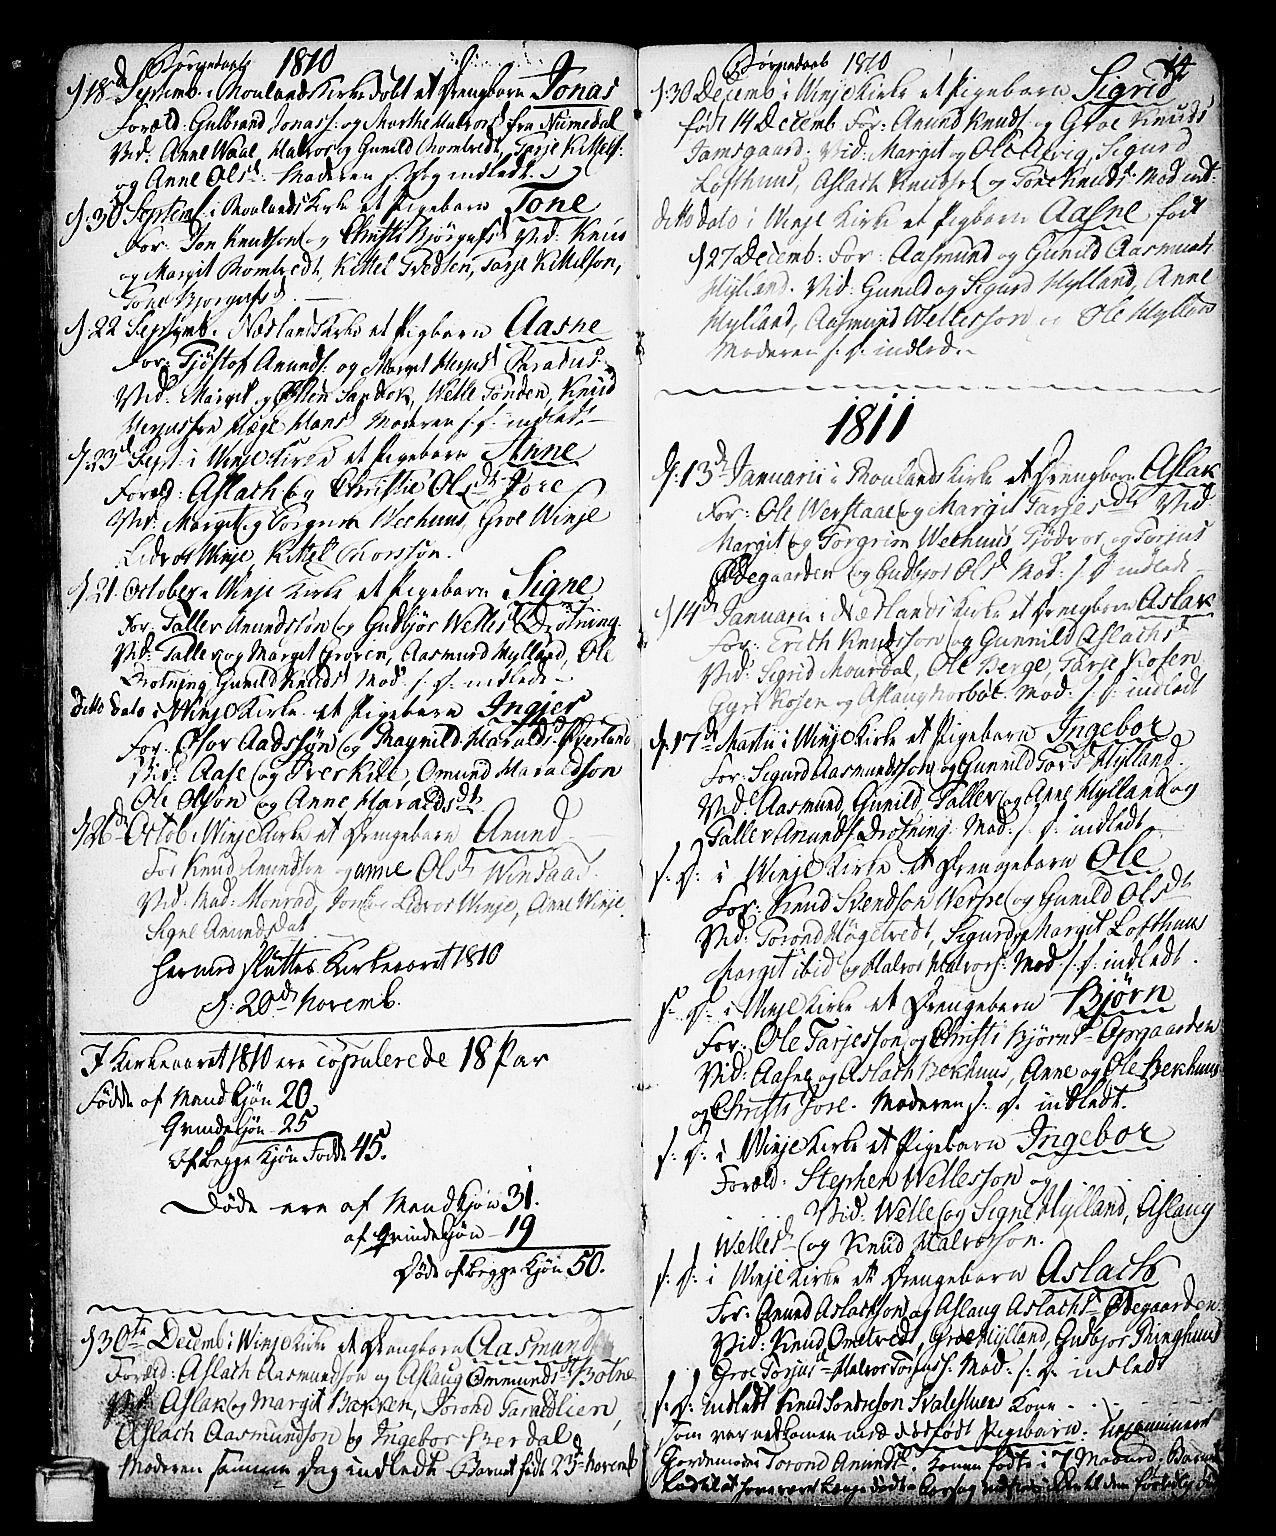 SAKO, Vinje kirkebøker, F/Fa/L0002: Ministerialbok nr. I 2, 1767-1814, s. 14